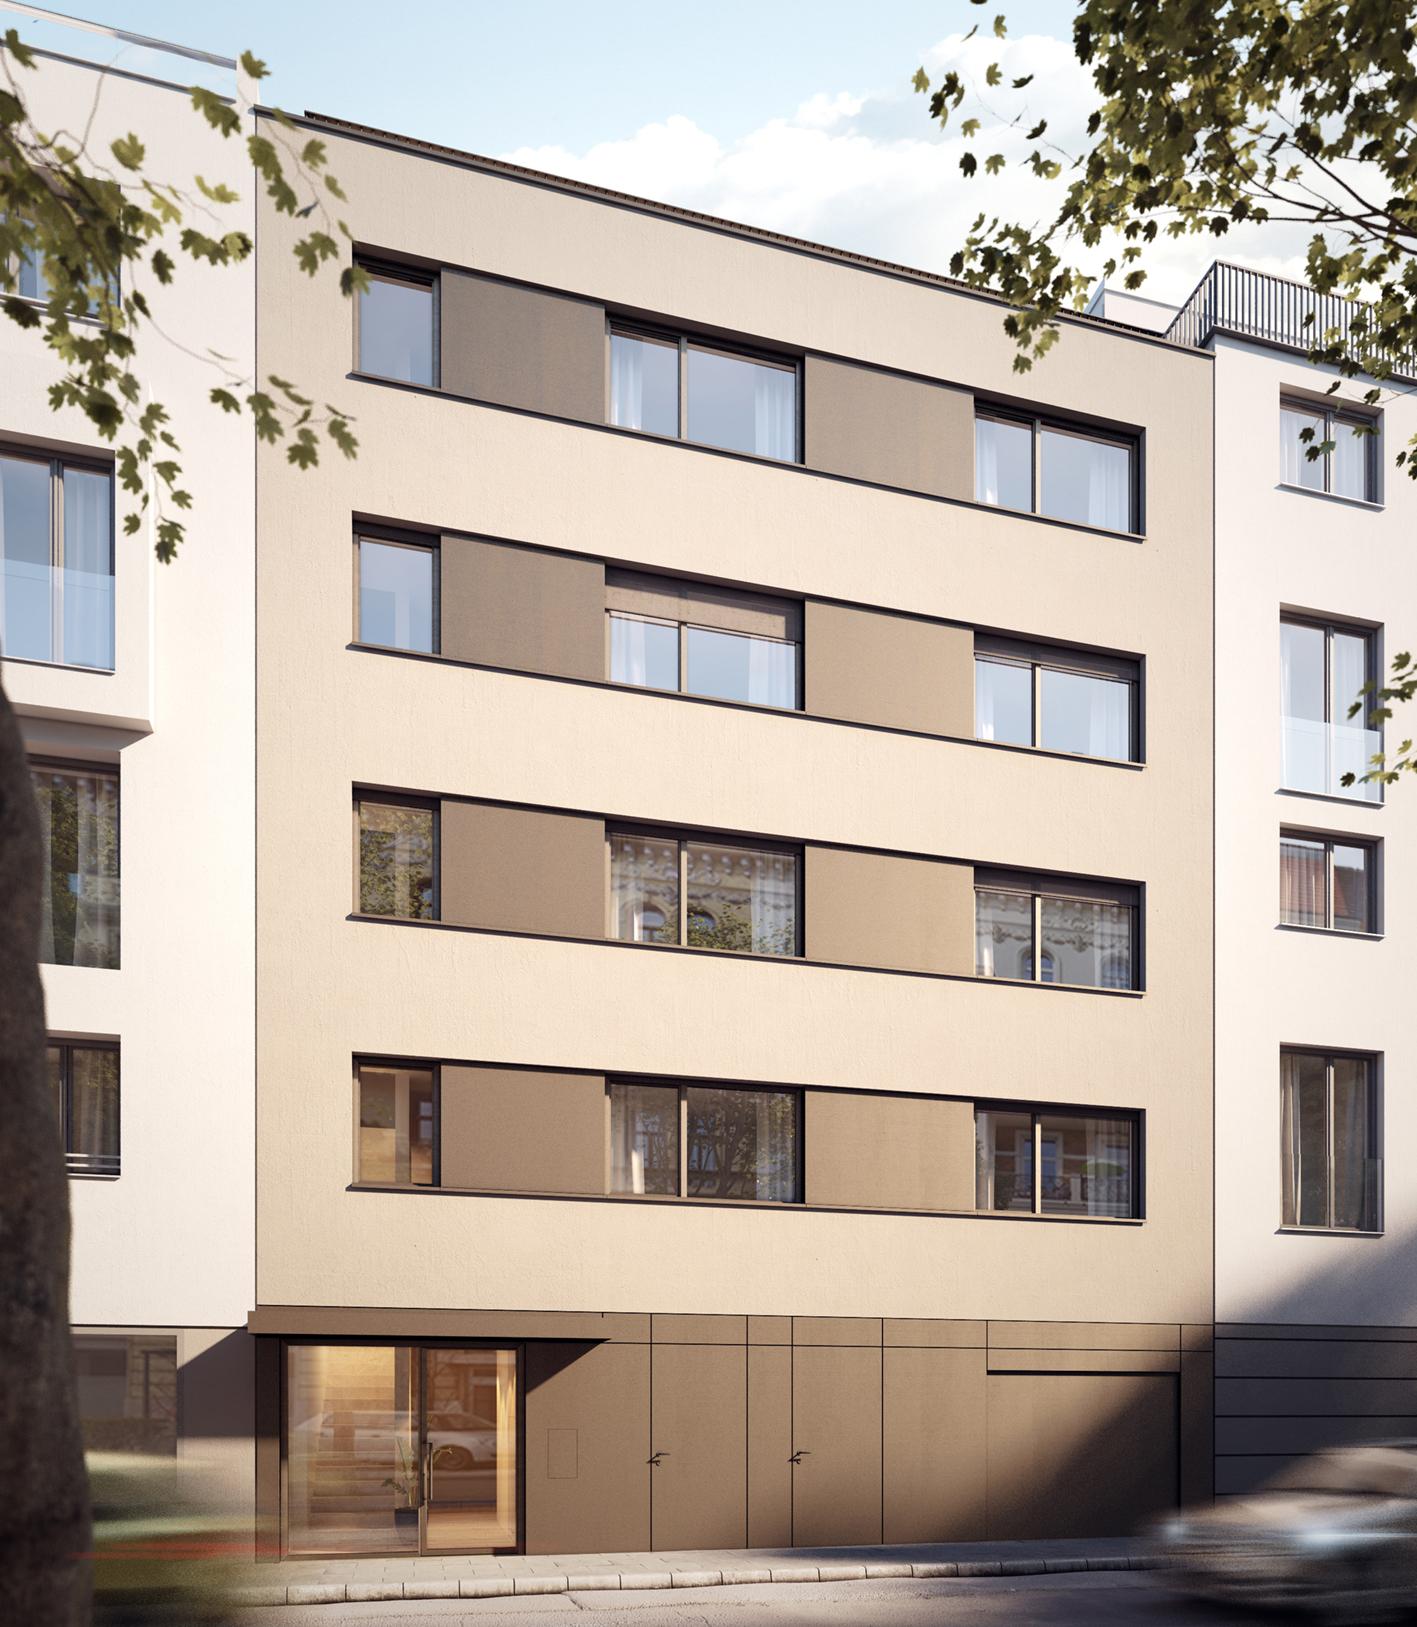 Dachwert - wertvolle Häuser / Sailerstraße 4